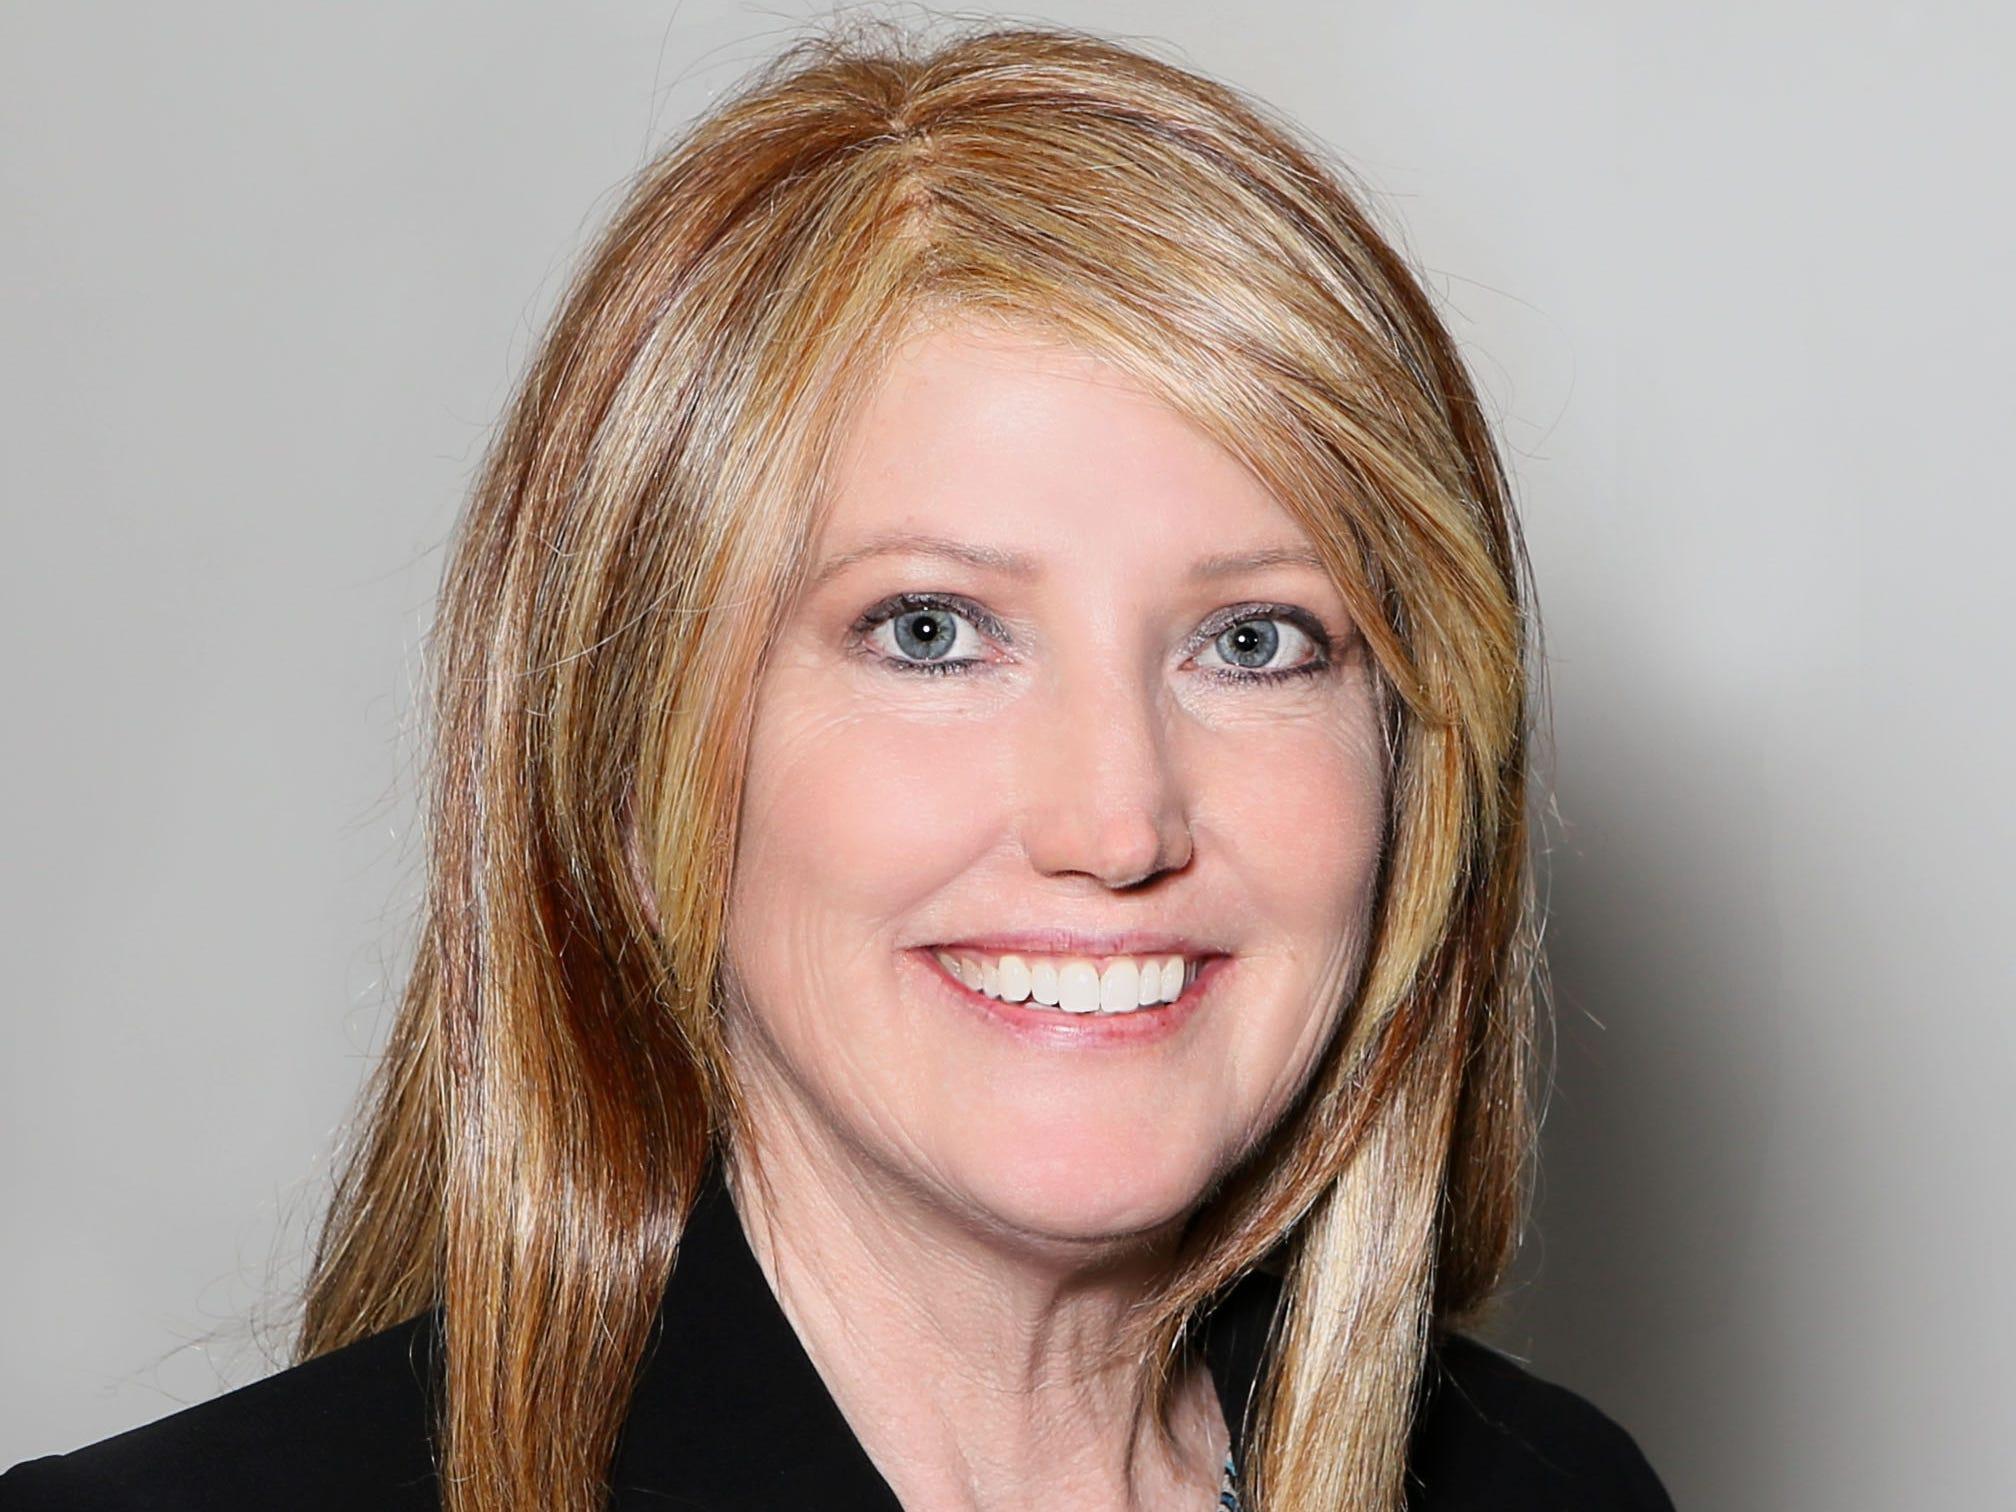 Marcia Boucher